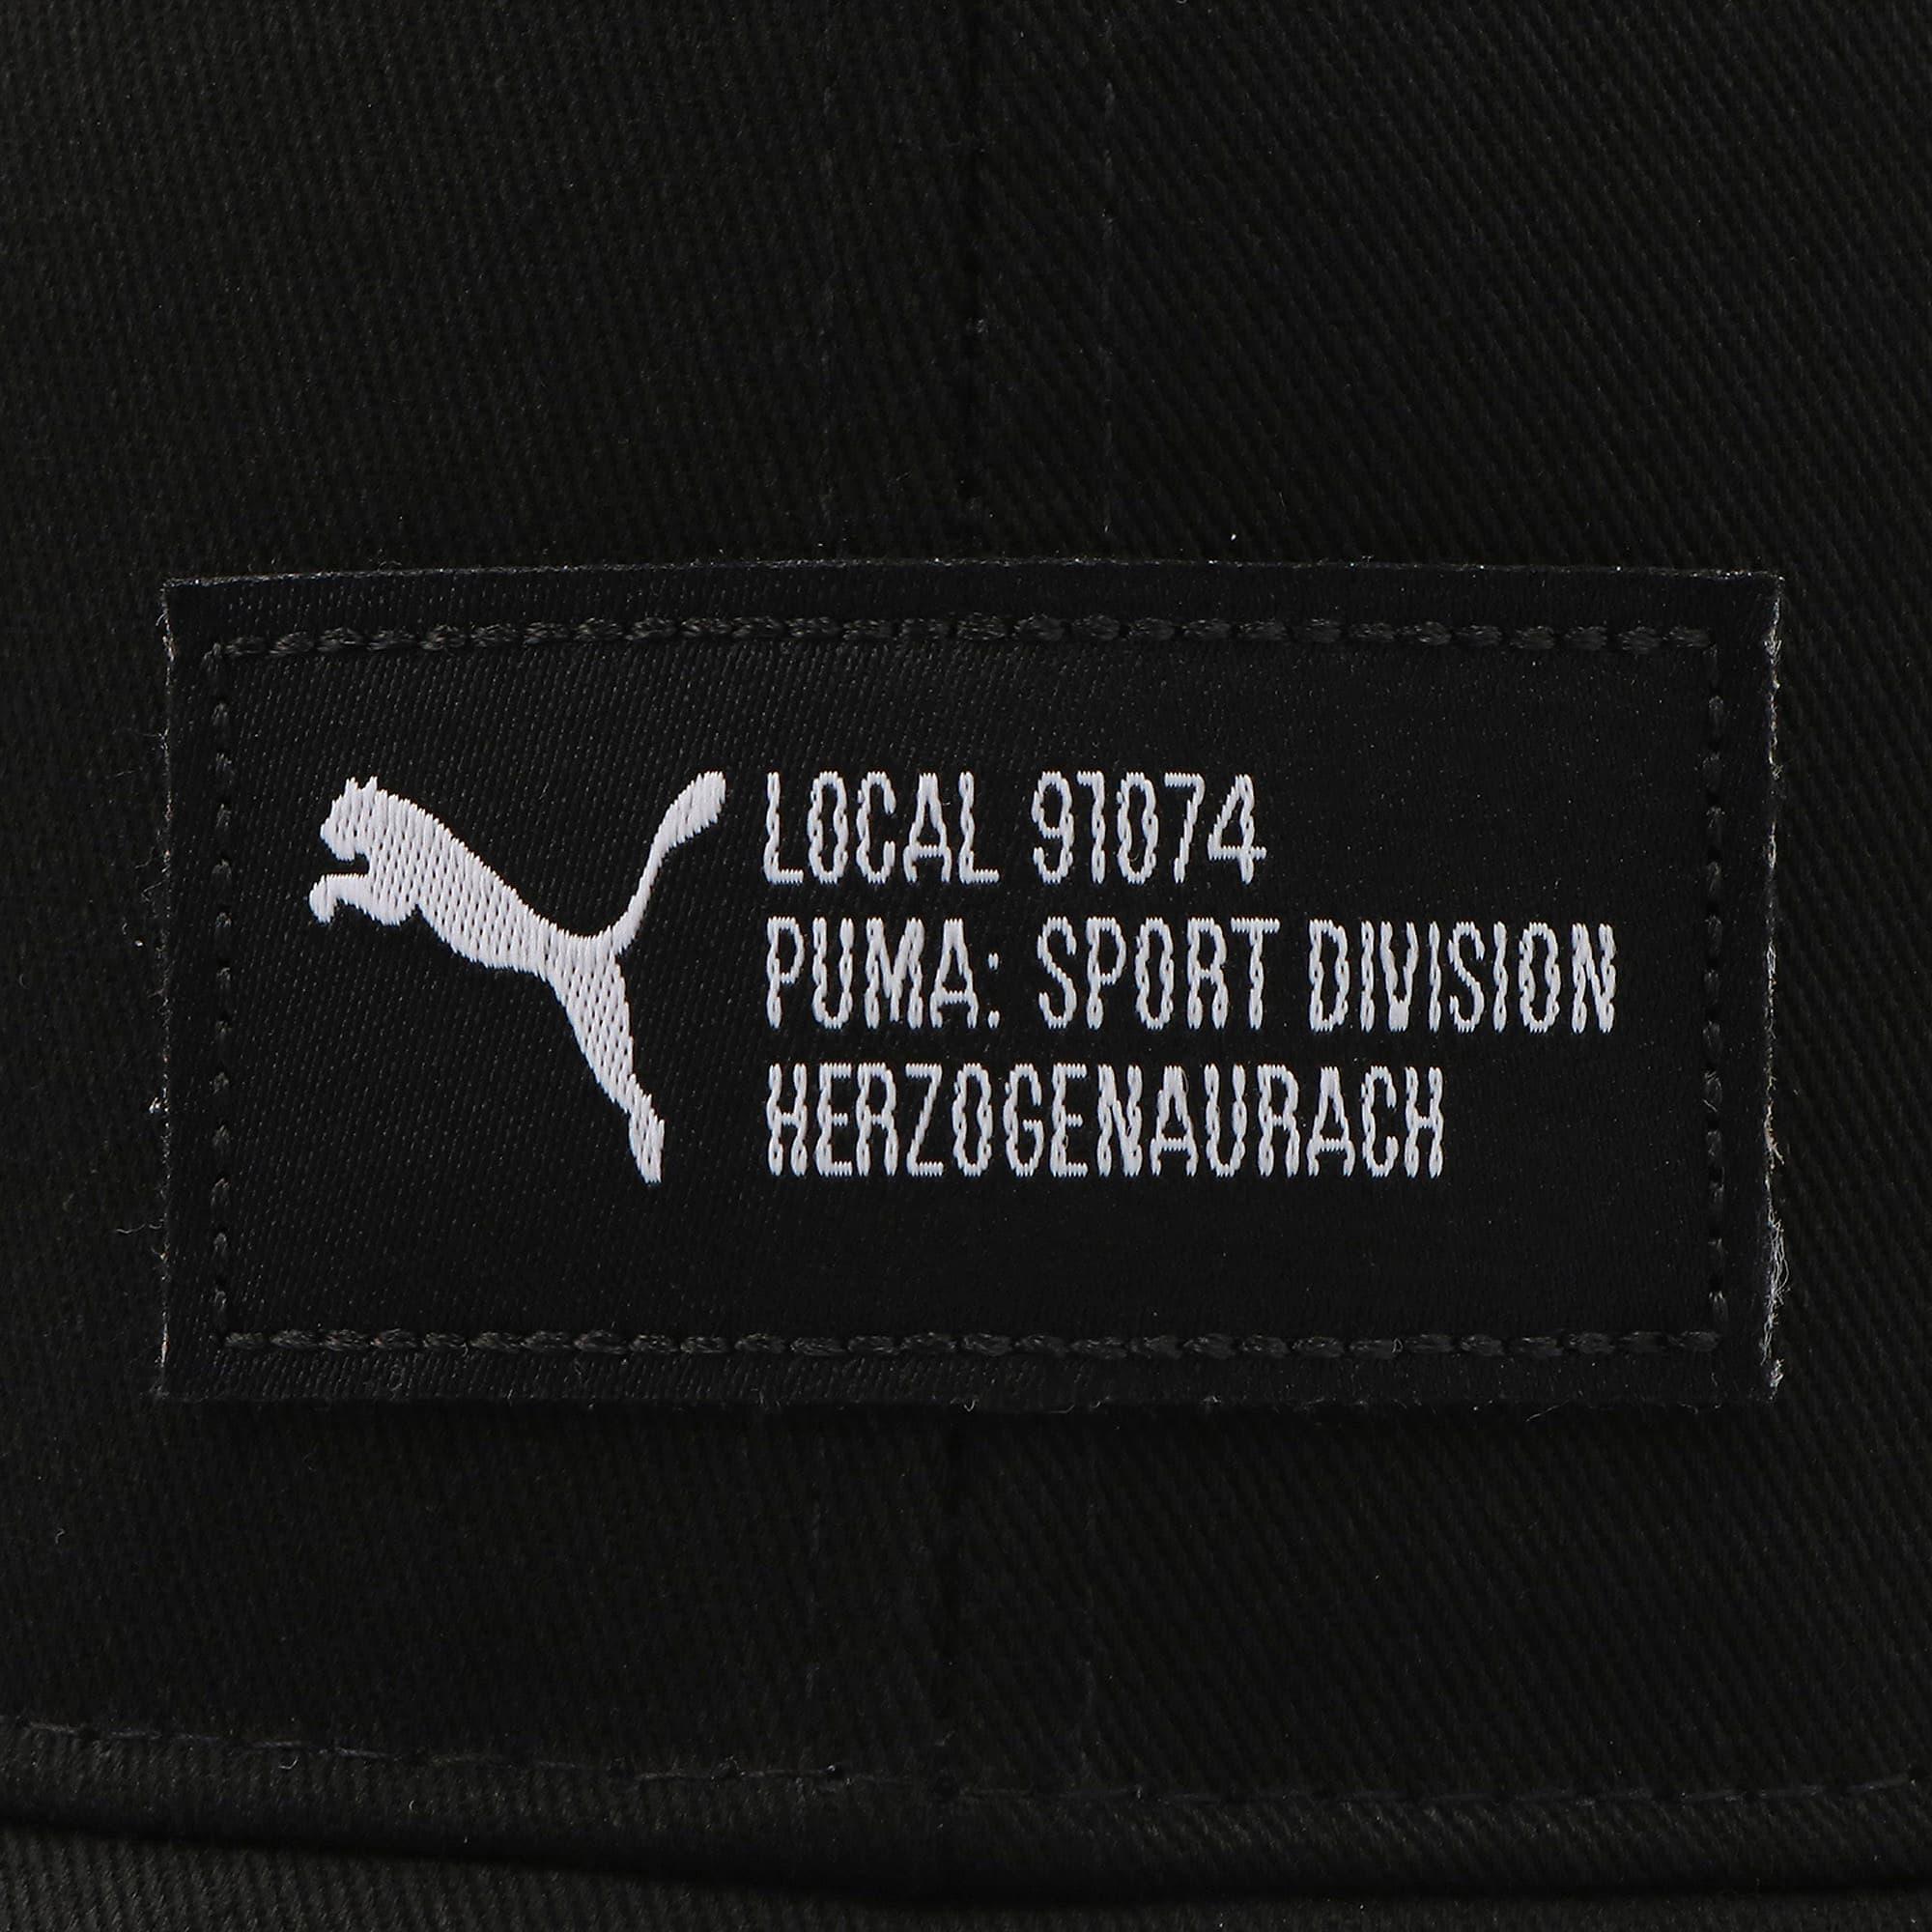 Thumbnail 3 of PUMA 91074 キャップ, Puma Black, medium-JPN